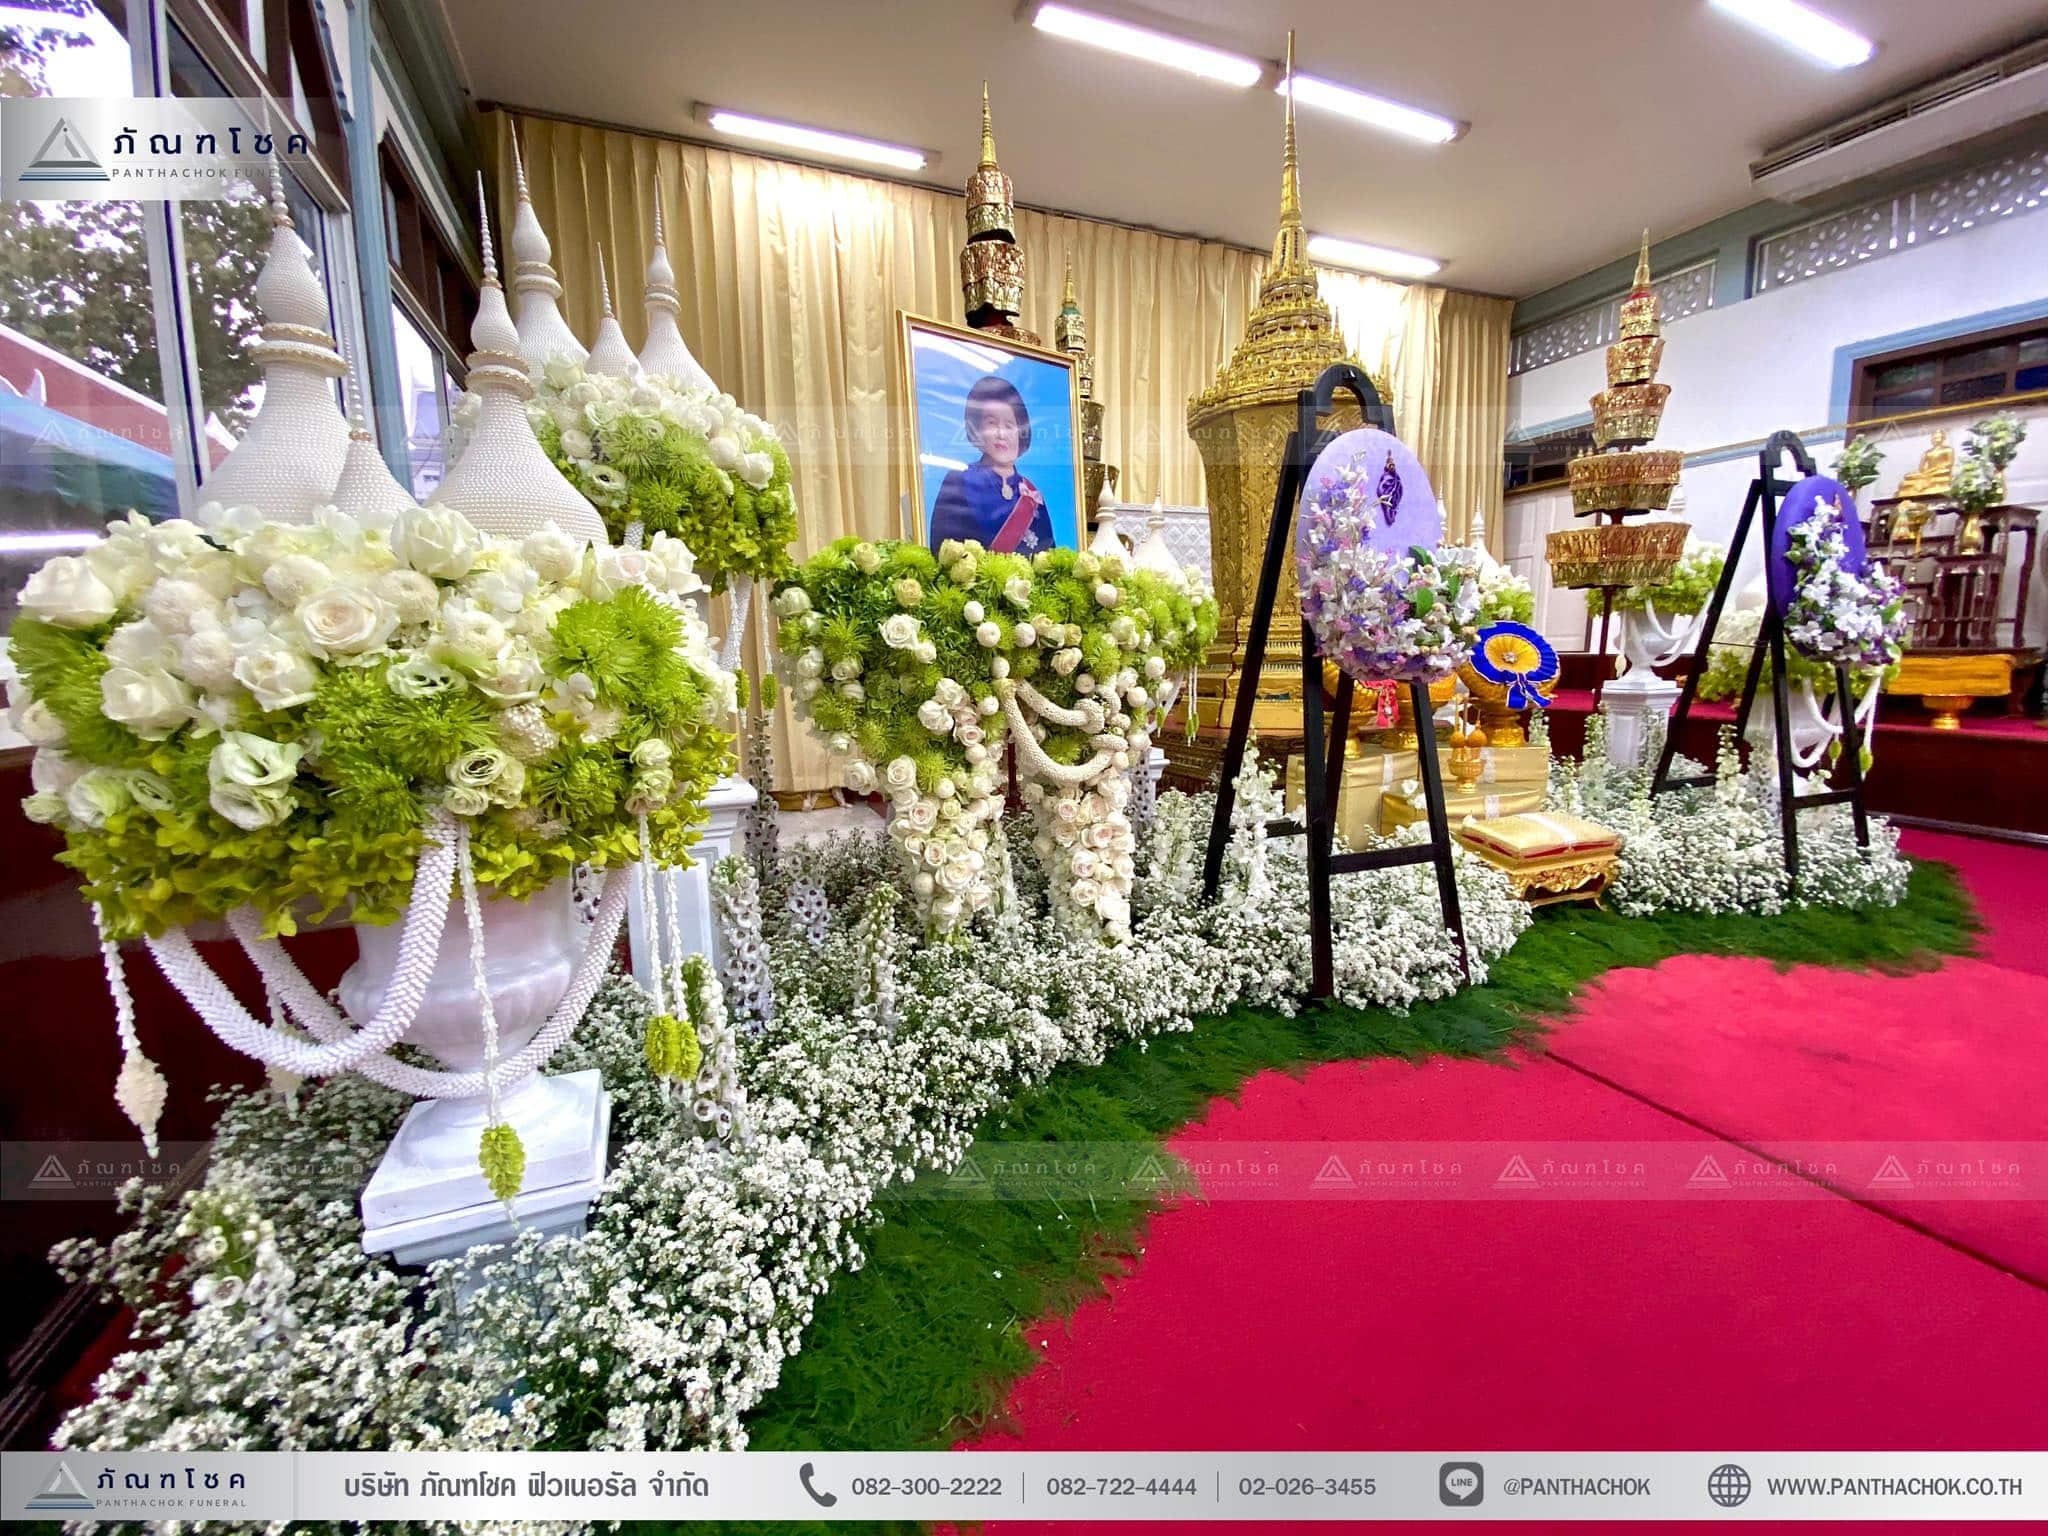 ดอกไม้ประดับหน้าโกศพระราชทาน ณ วัดมกุฏกษัตริยารามราชวรวิหาร 4